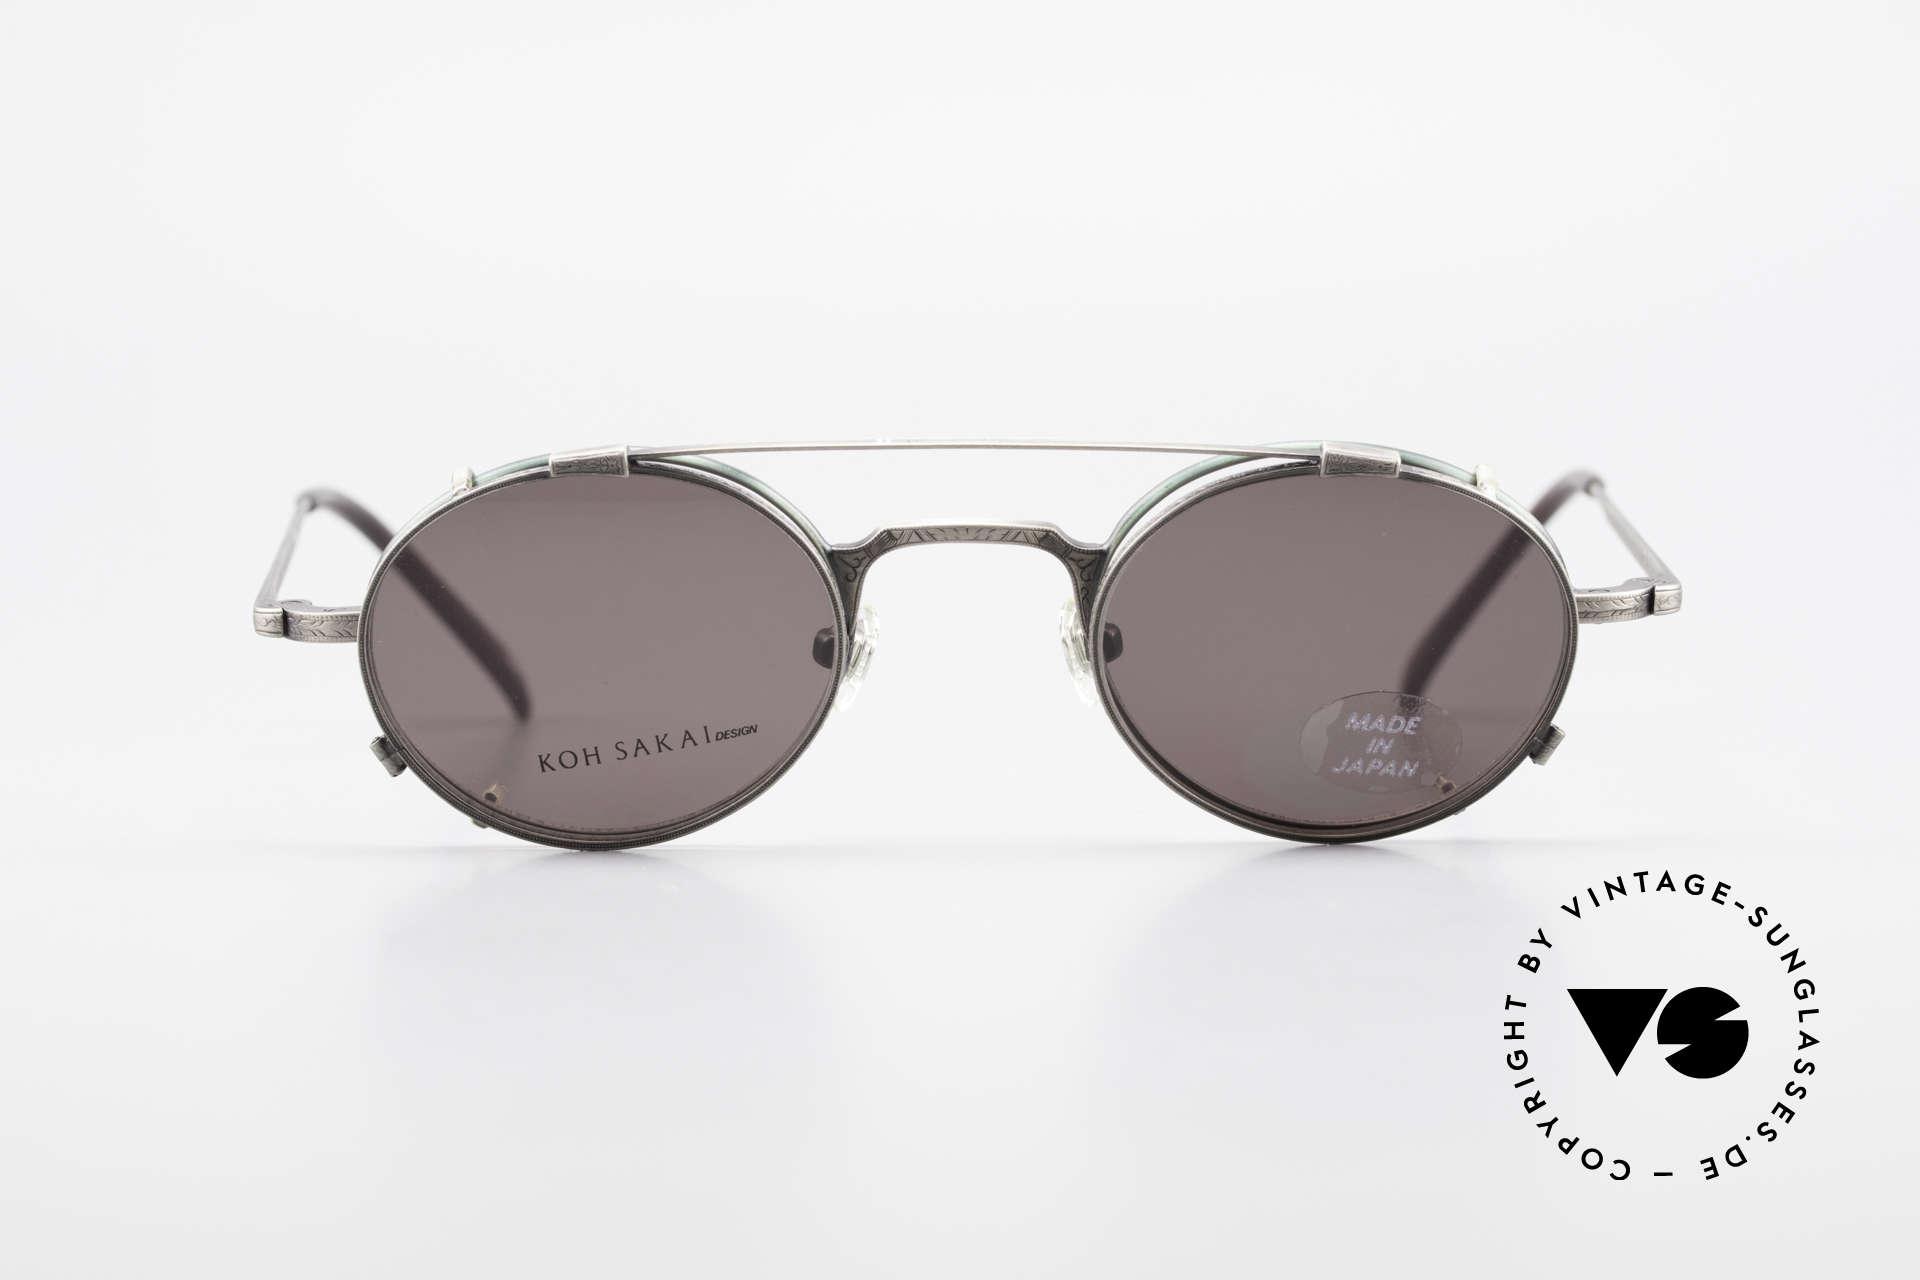 Koh Sakai KS9301 90er Oliver Peoples Eyevan Stil, Koh Sakai, BADA und OKIO Brillen waren ein Vertrieb, Passend für Herren